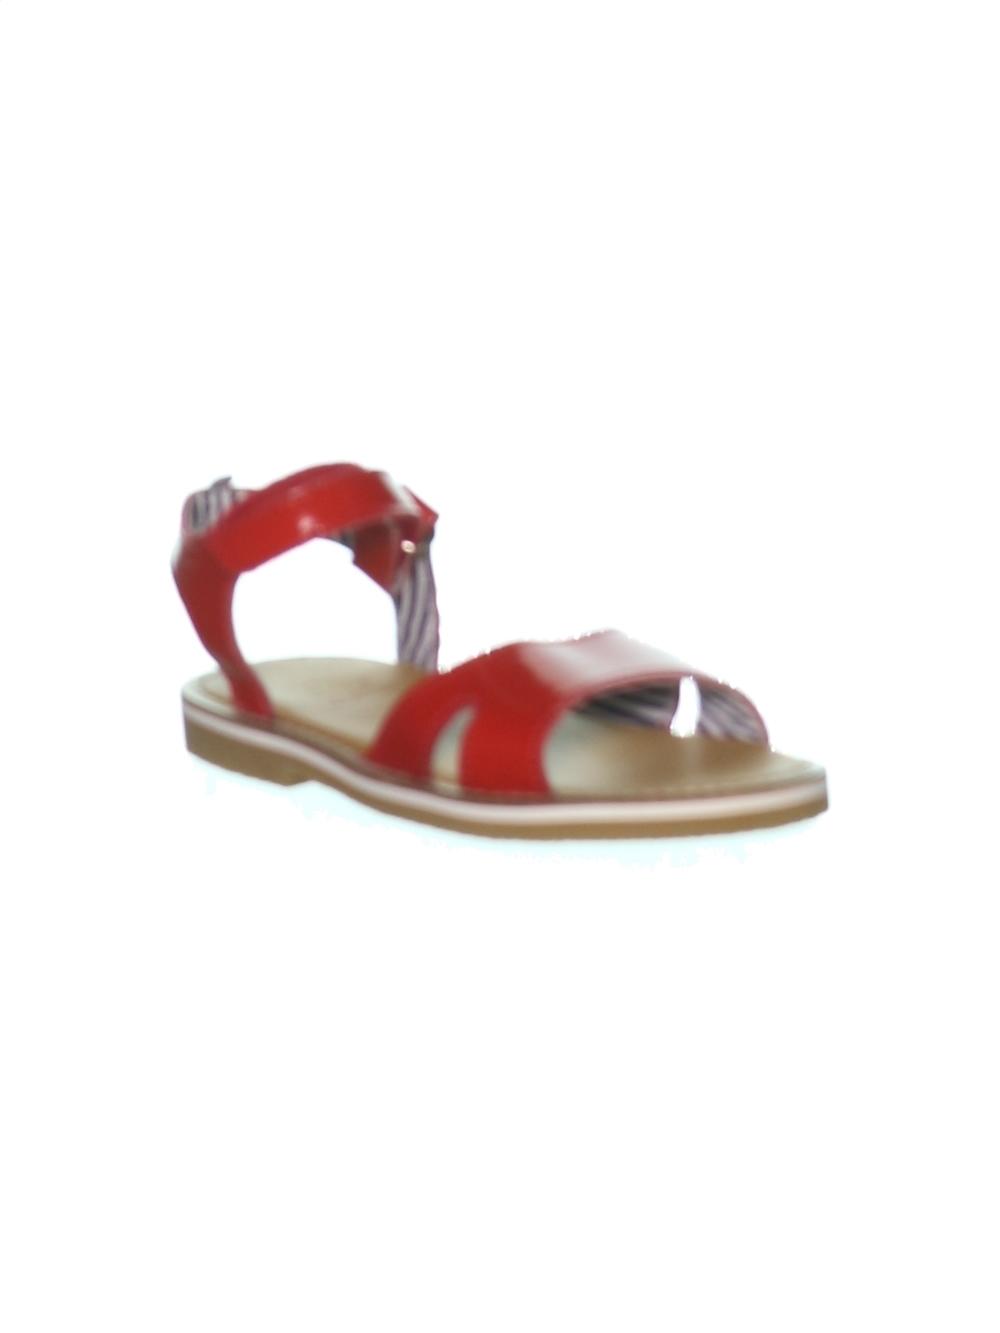 33b270031 Sandales et nu-pieds Fille PETIT BATEAU 25 pas cher, 18.99 € - #1213721